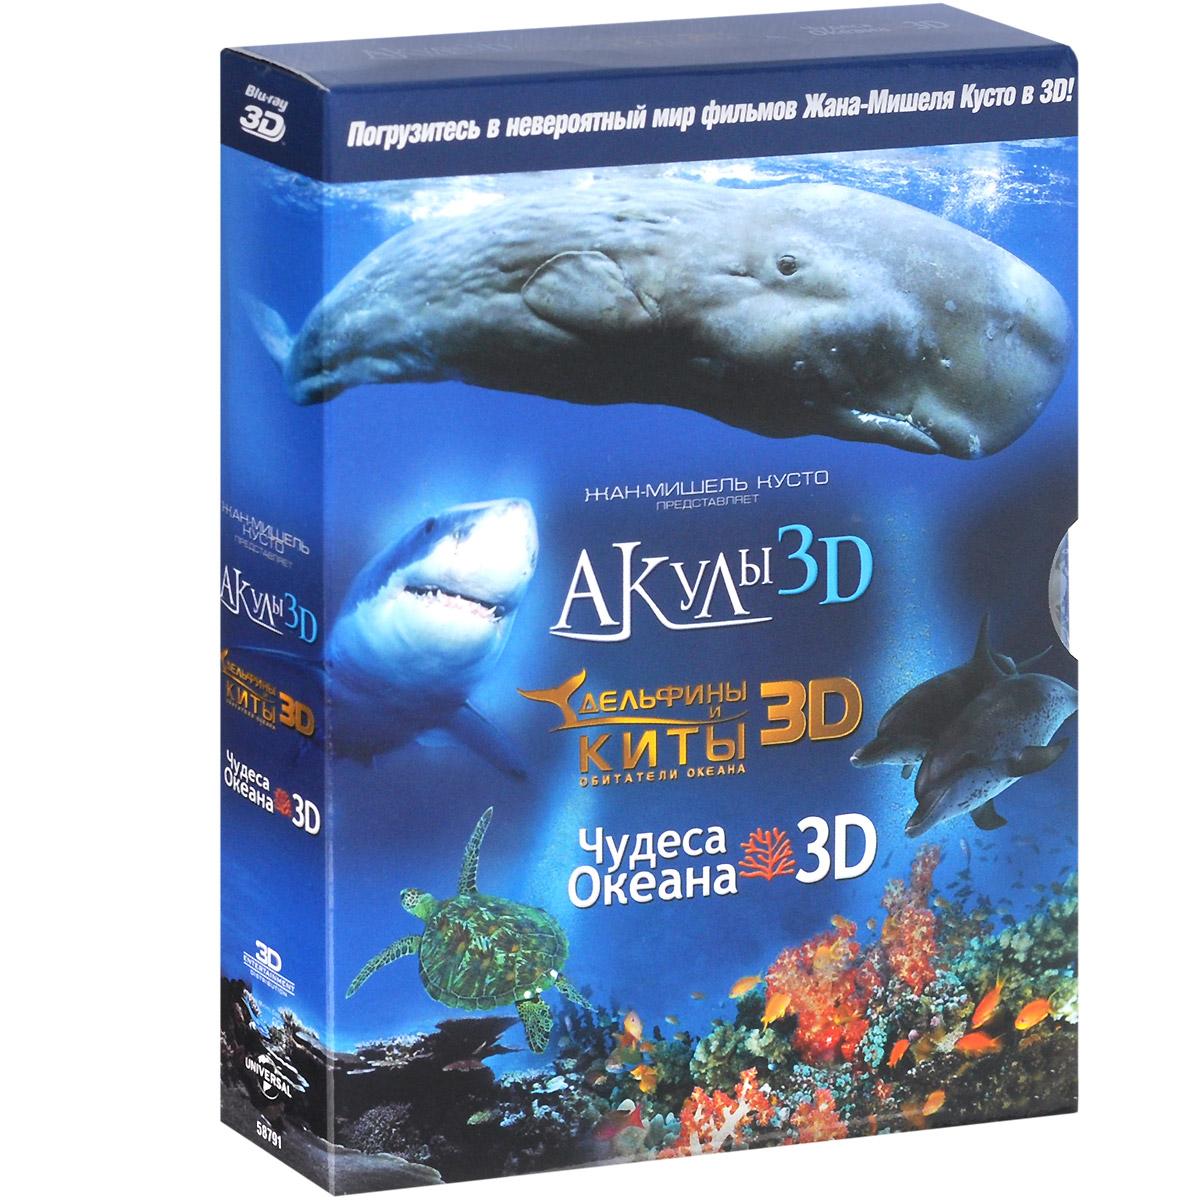 Жан-Мишель Кусто: Акулы / Дельфины и киты / Чудеса океана 3D и 2D (3 Blu-ray) акулы киты дельфины